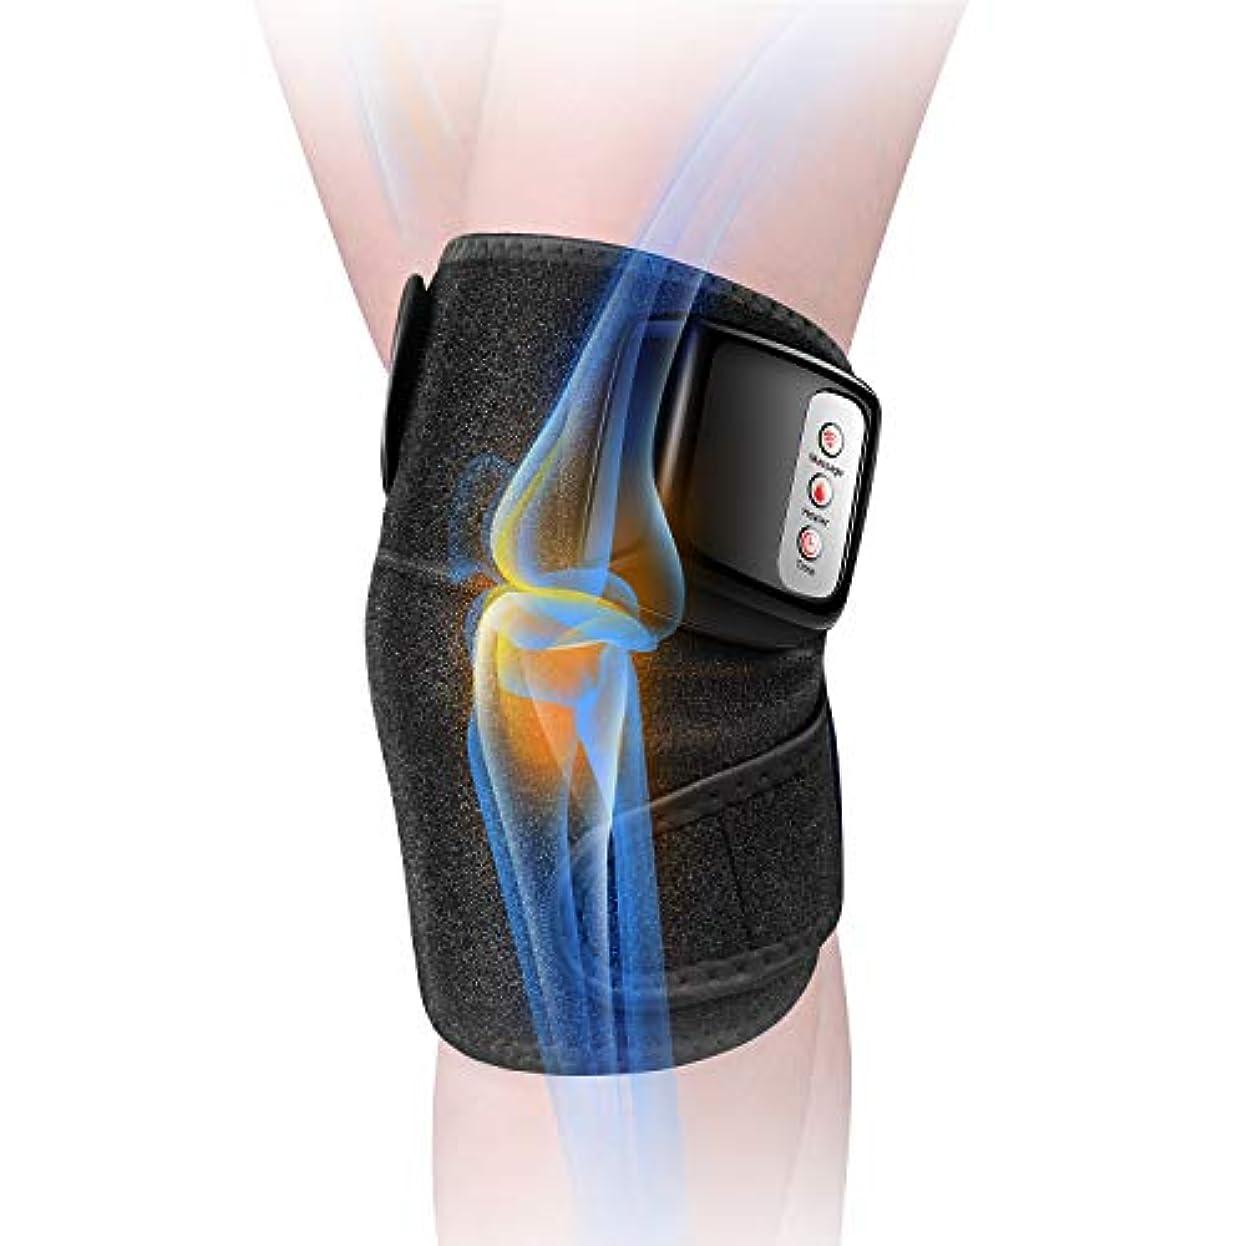 語肯定的メルボルン膝マッサージャー 関節マッサージャー マッサージ器 フットマッサージャー 振動 赤外線療法 温熱療法 膝サポーター ストレス解消 肩 太もも/腕対応